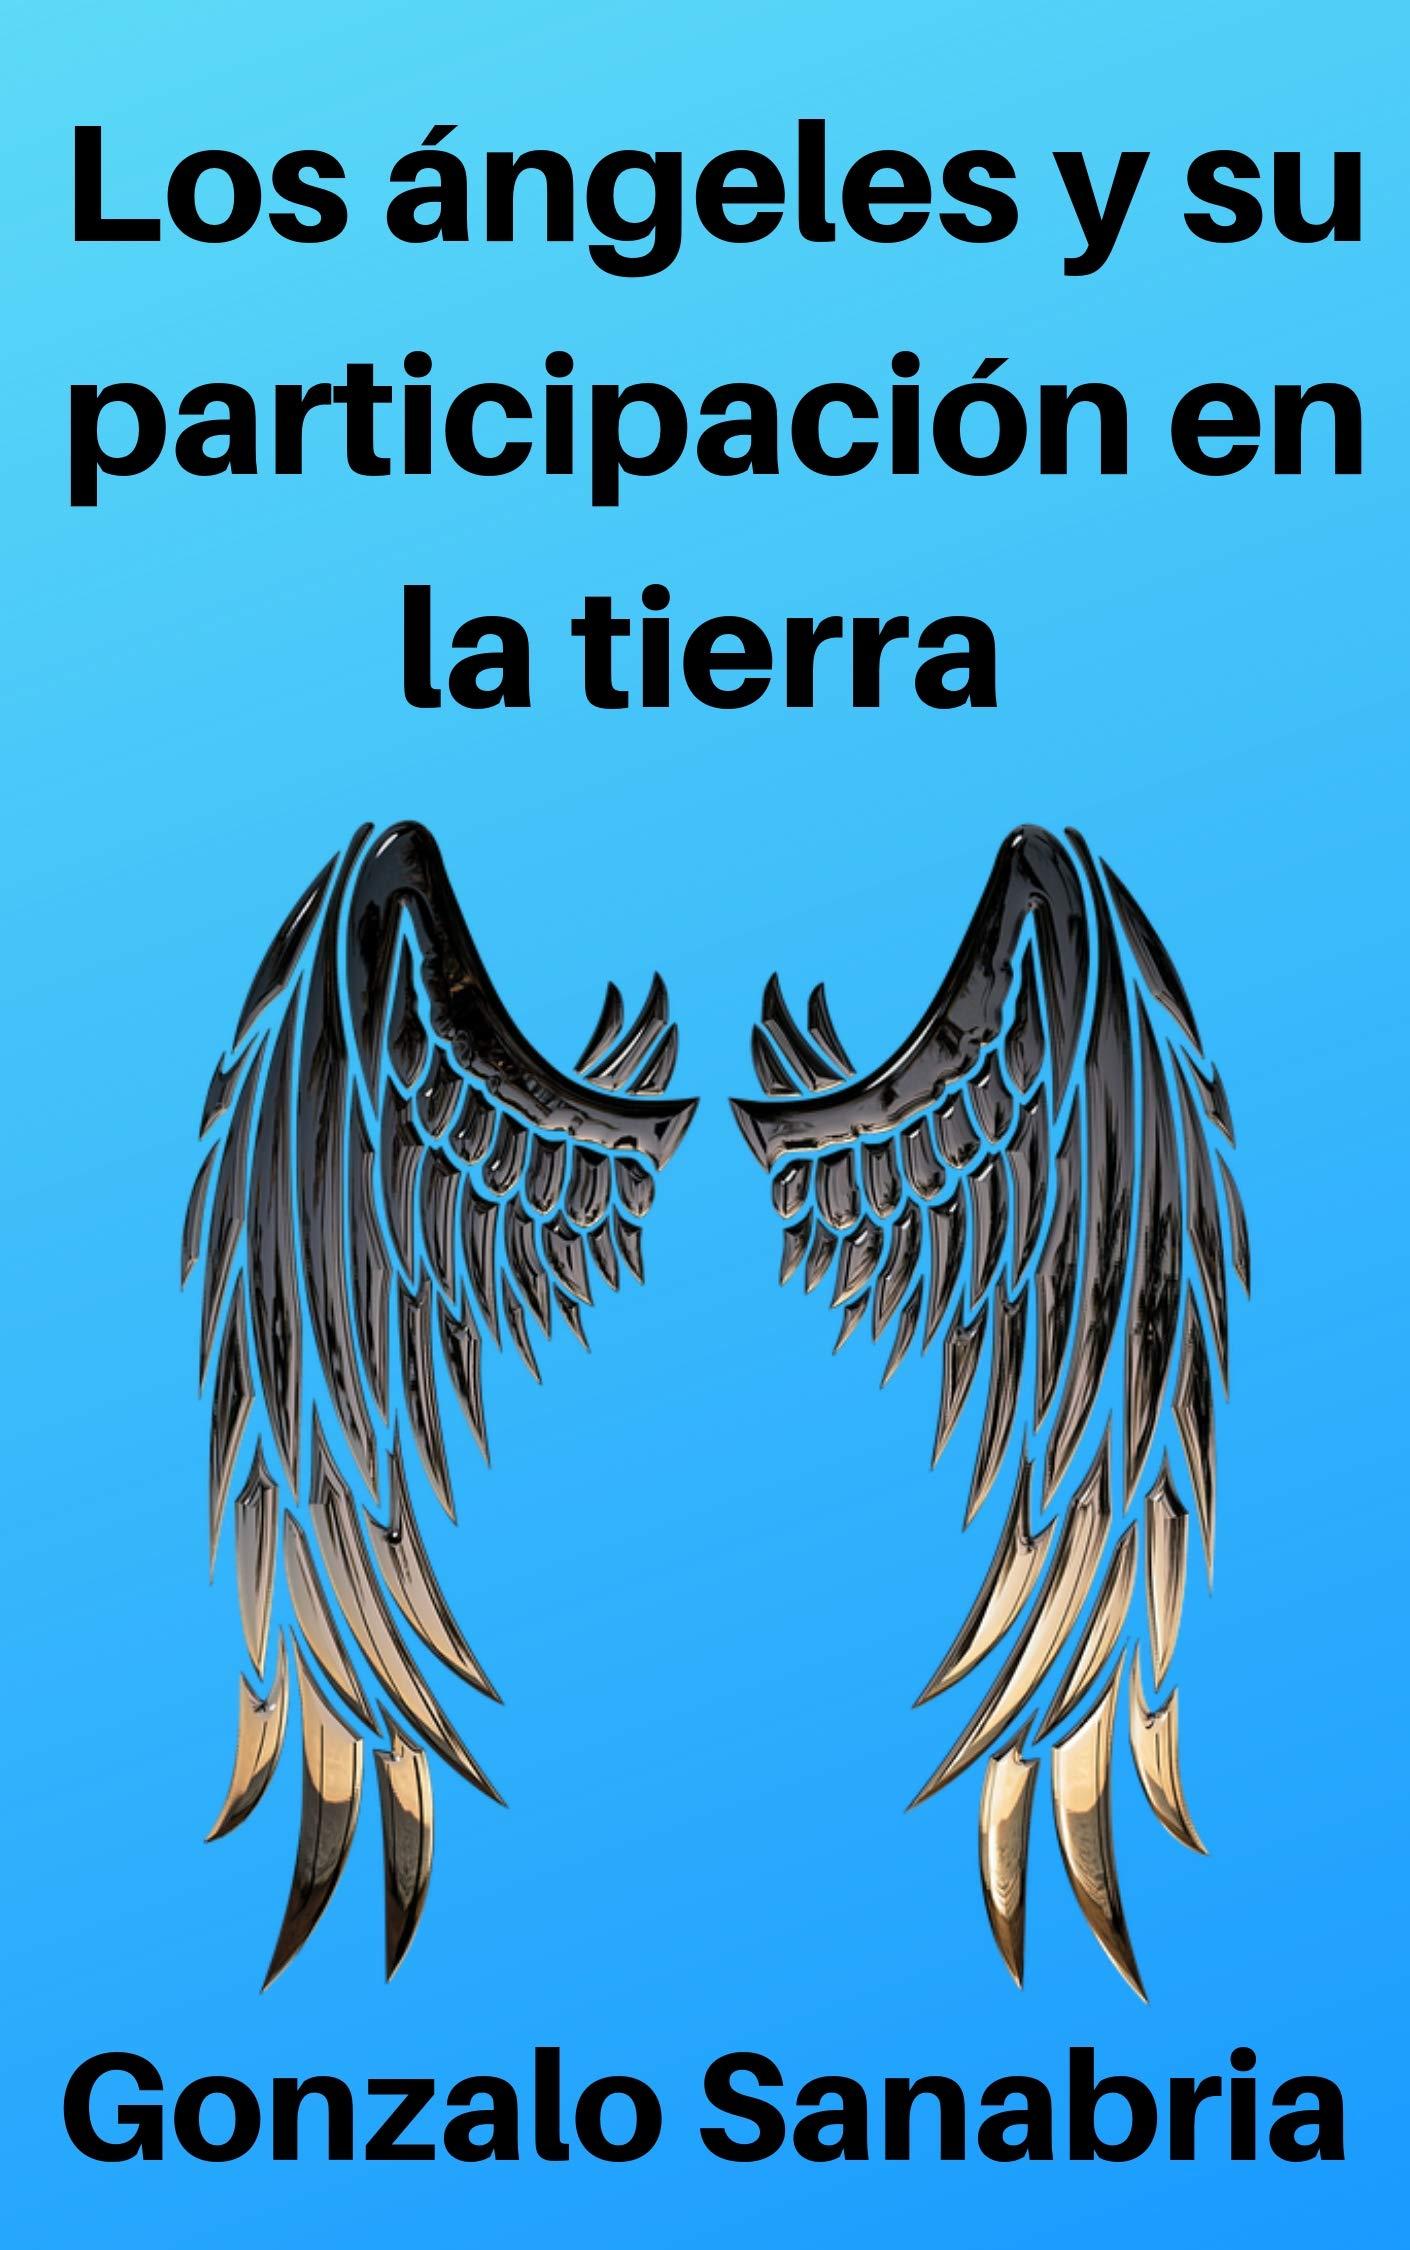 Quiénes son los ángeles y cuál es su participación en la tierra: Estudio sobre los ángeles según la Biblia - Angelología por Gonzalo Sanabria